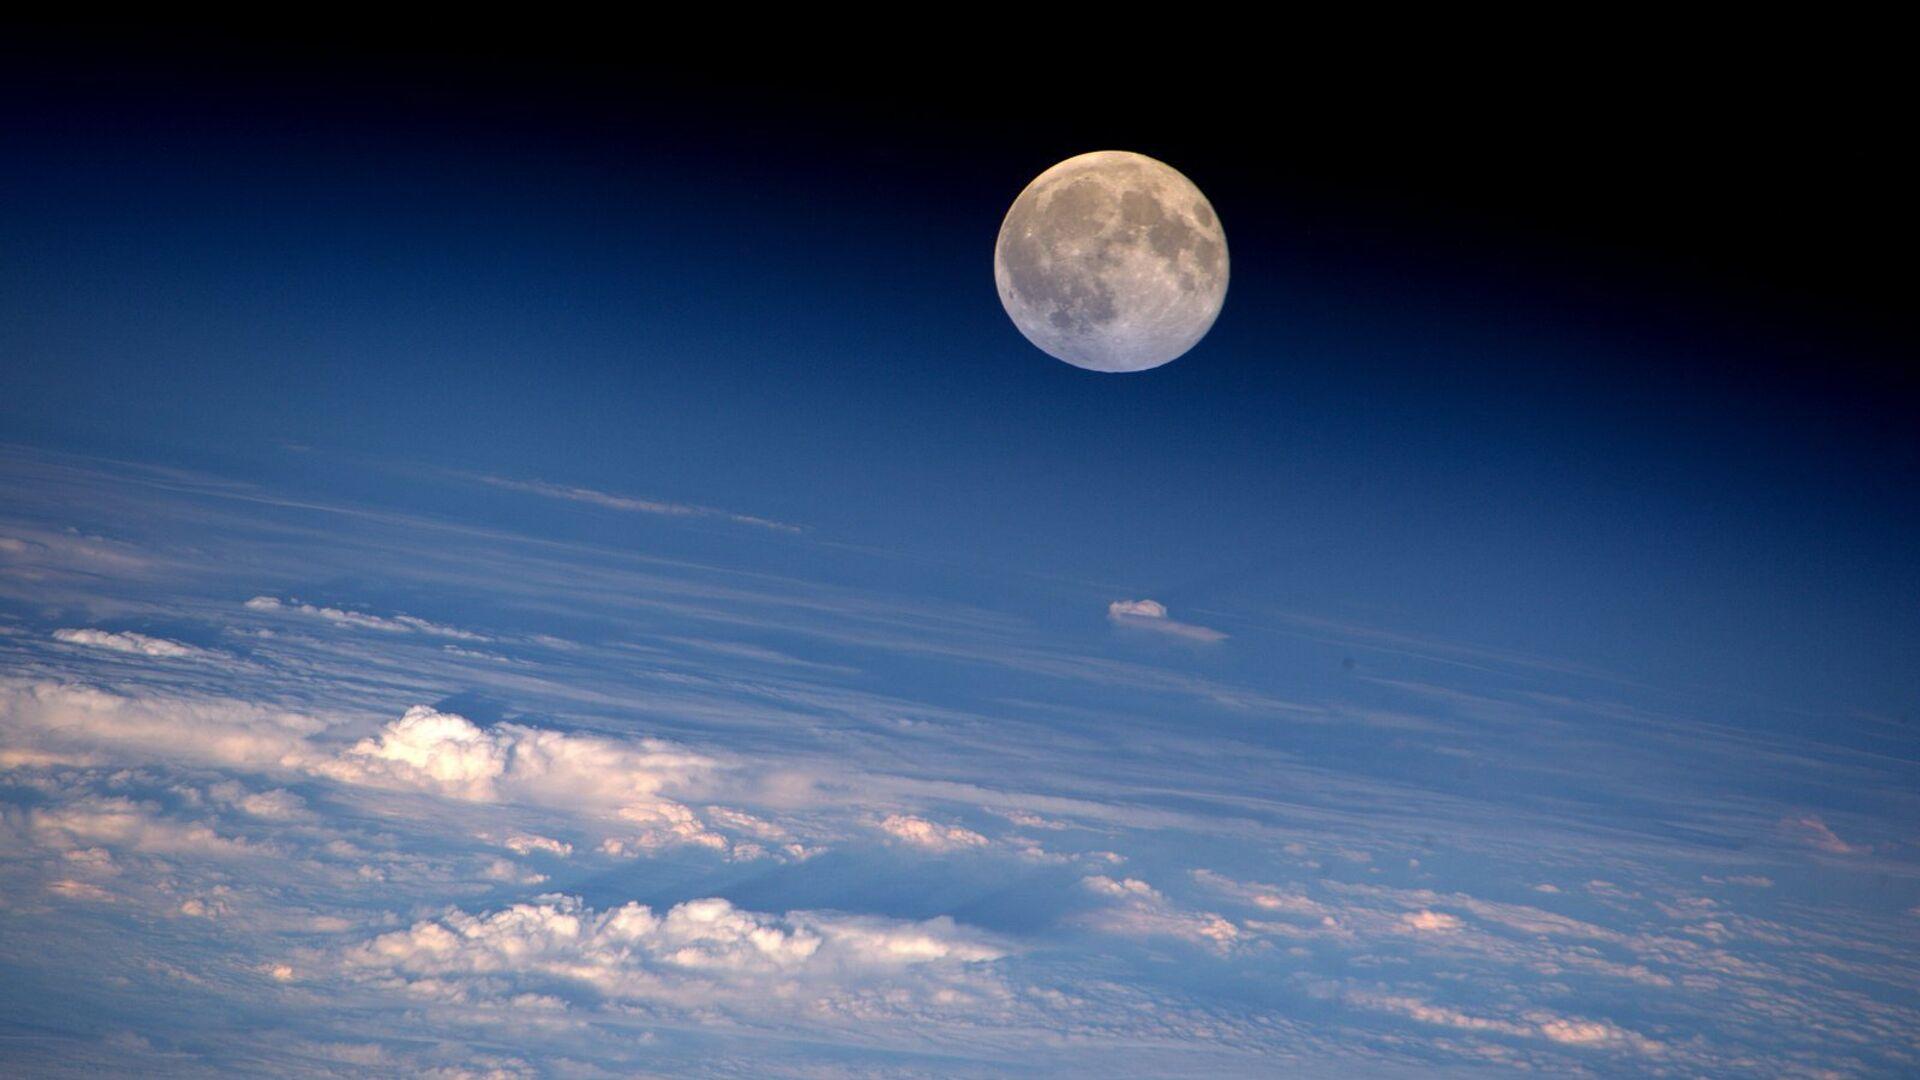 Полная Луна сфотографирована с МКС астронавтом НАСА Джеффри Уильямсом - РИА Новости, 1920, 07.08.2020